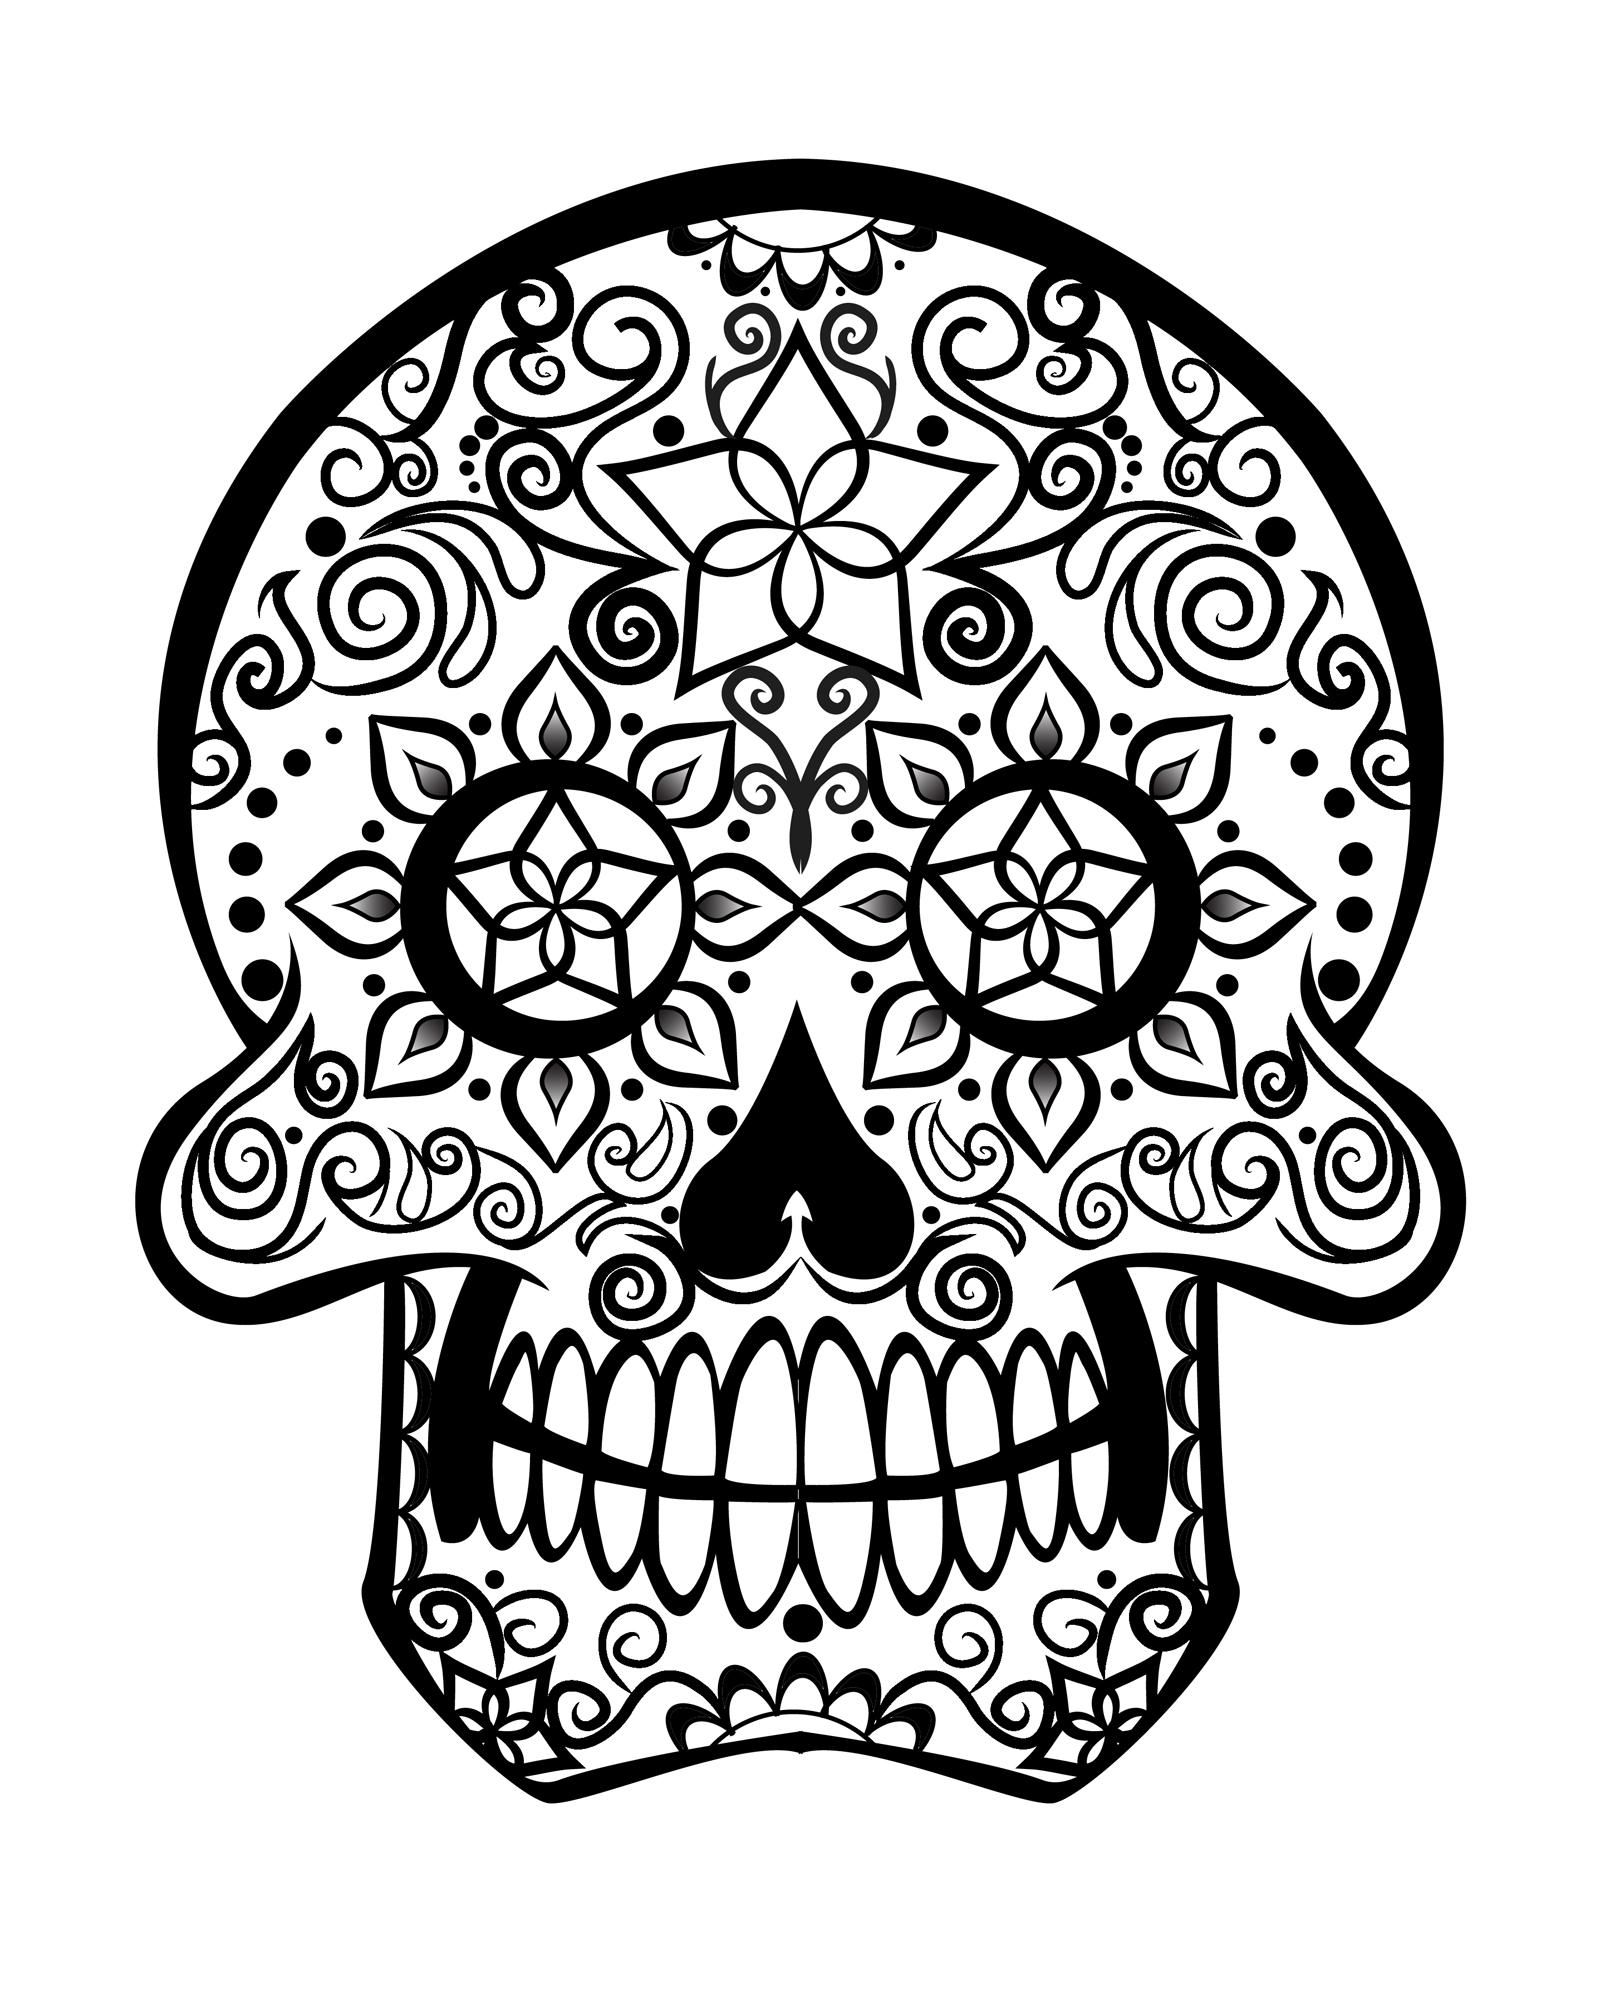 Sugar Skull Pin Up Drawing at GetDrawings.com | Free for personal ...